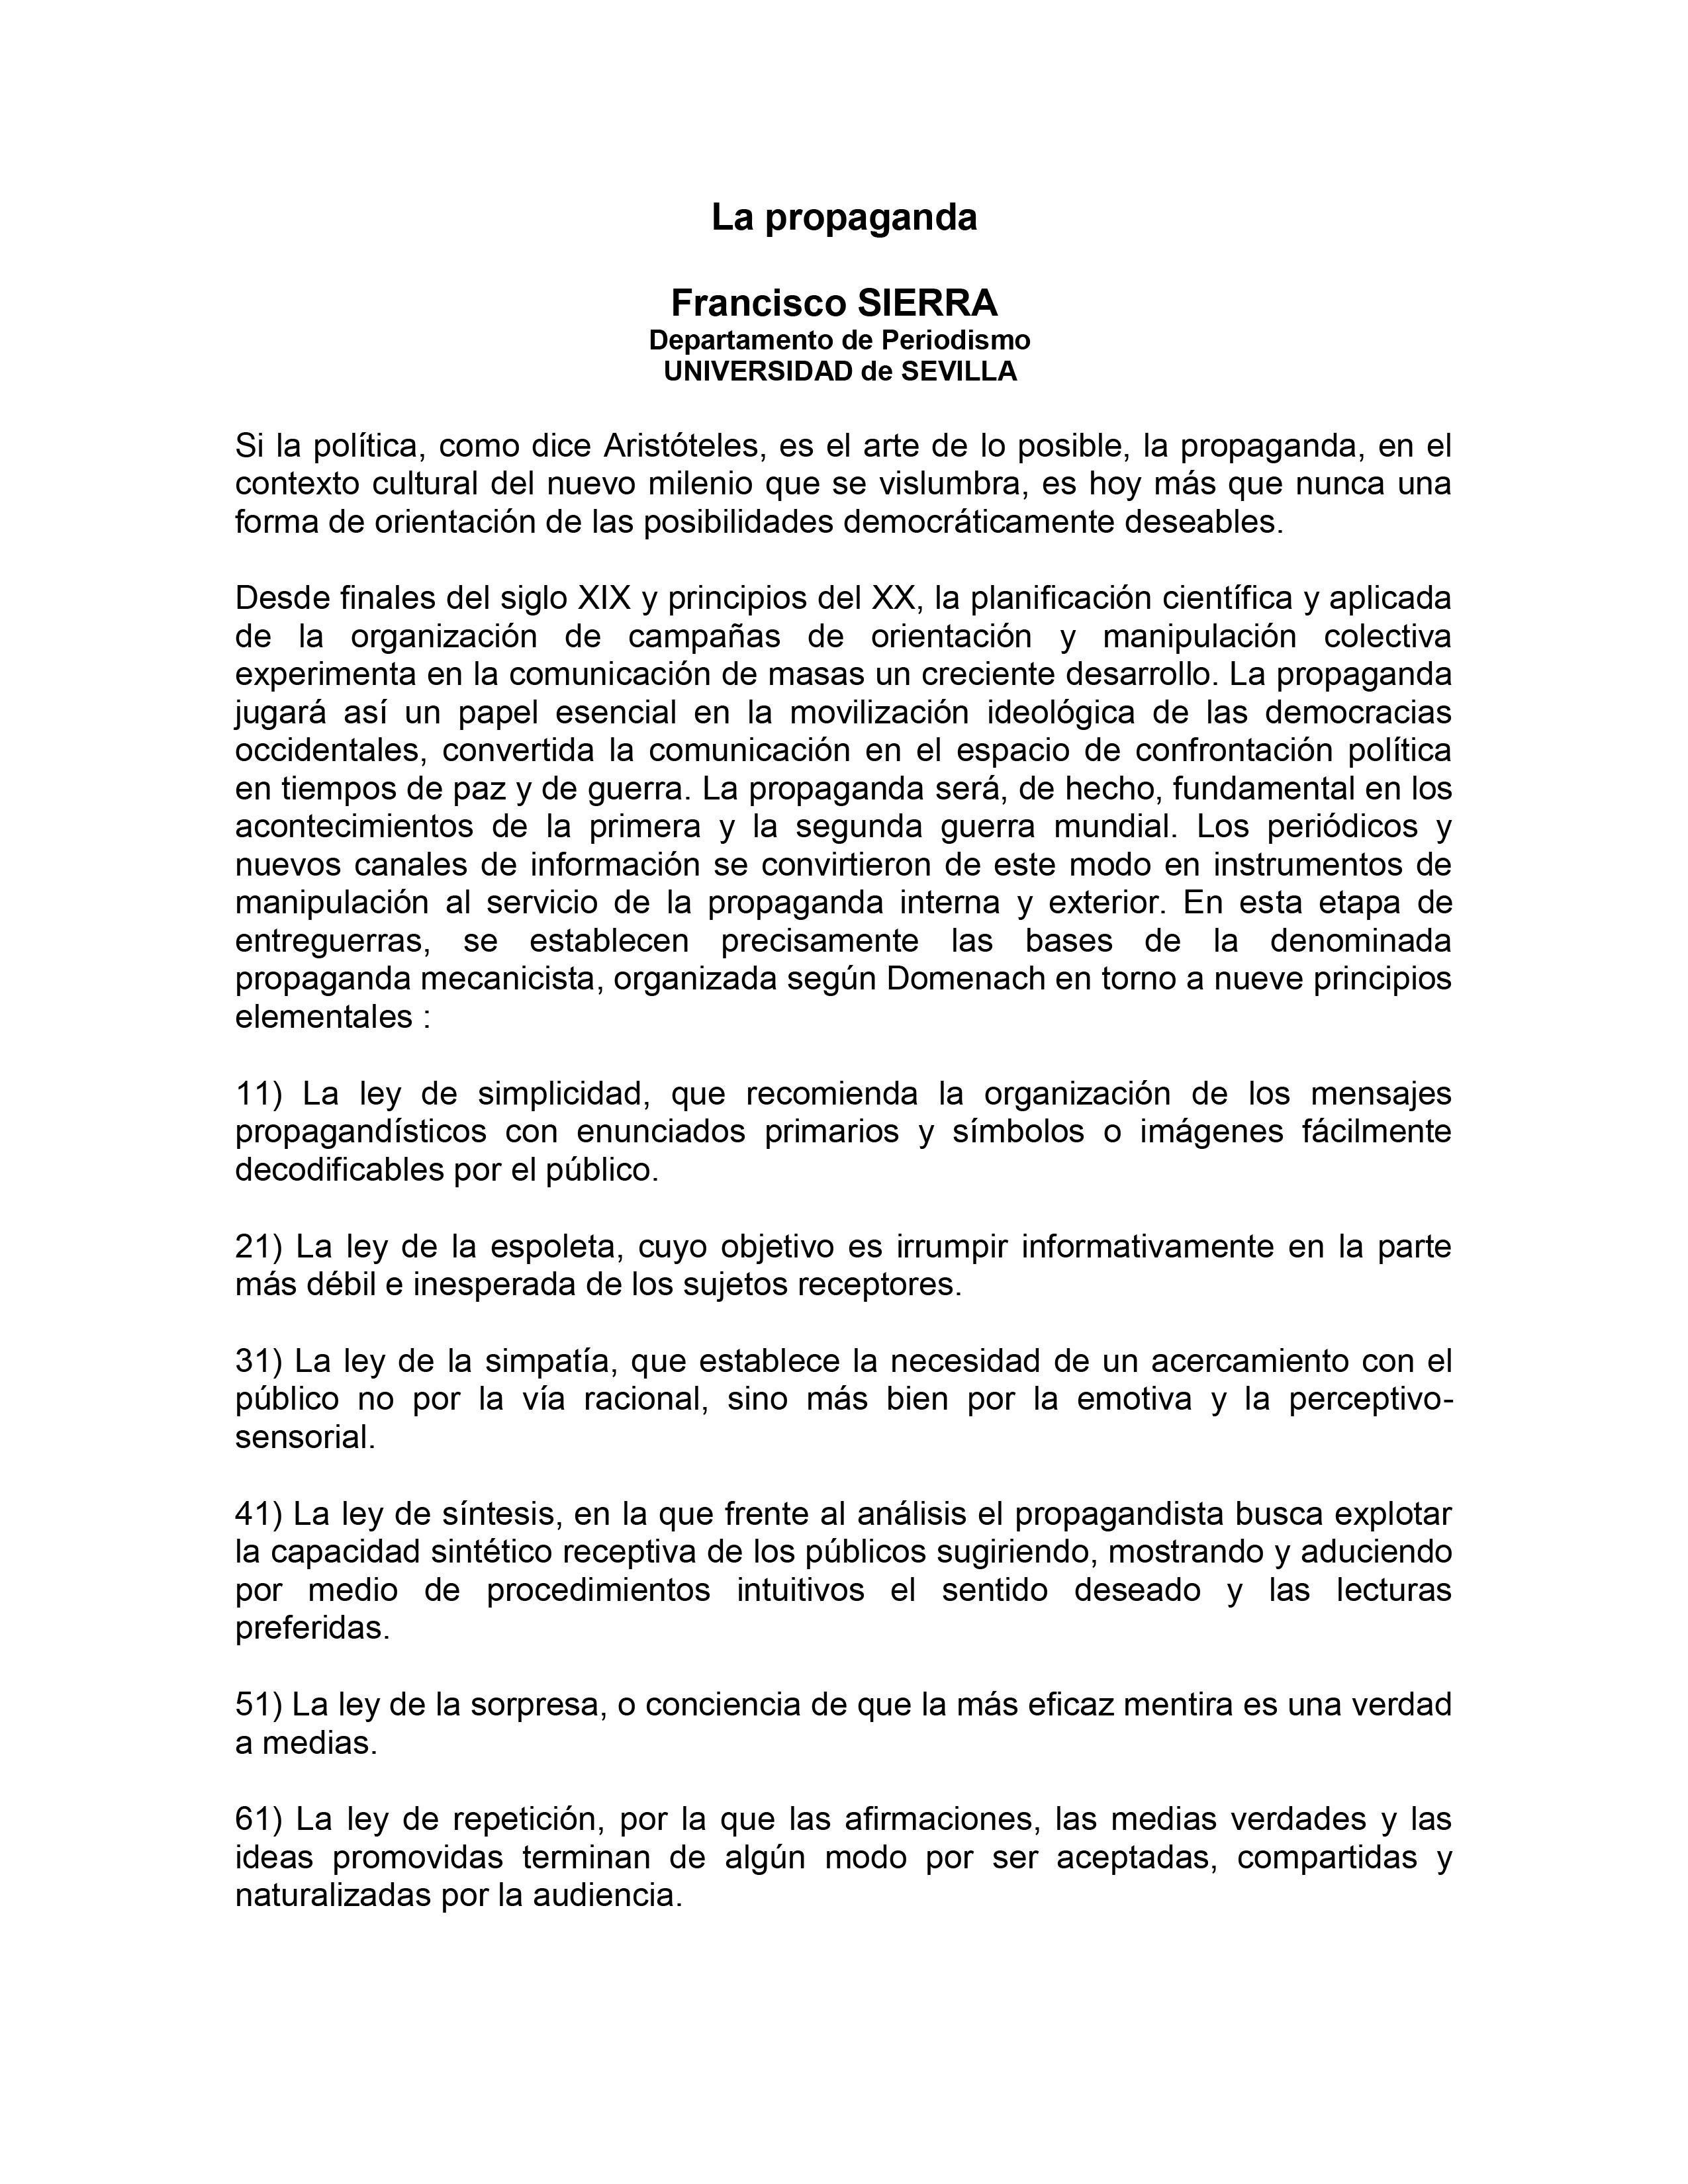 La propaganda_UNED_FranciscoSIERRA-1